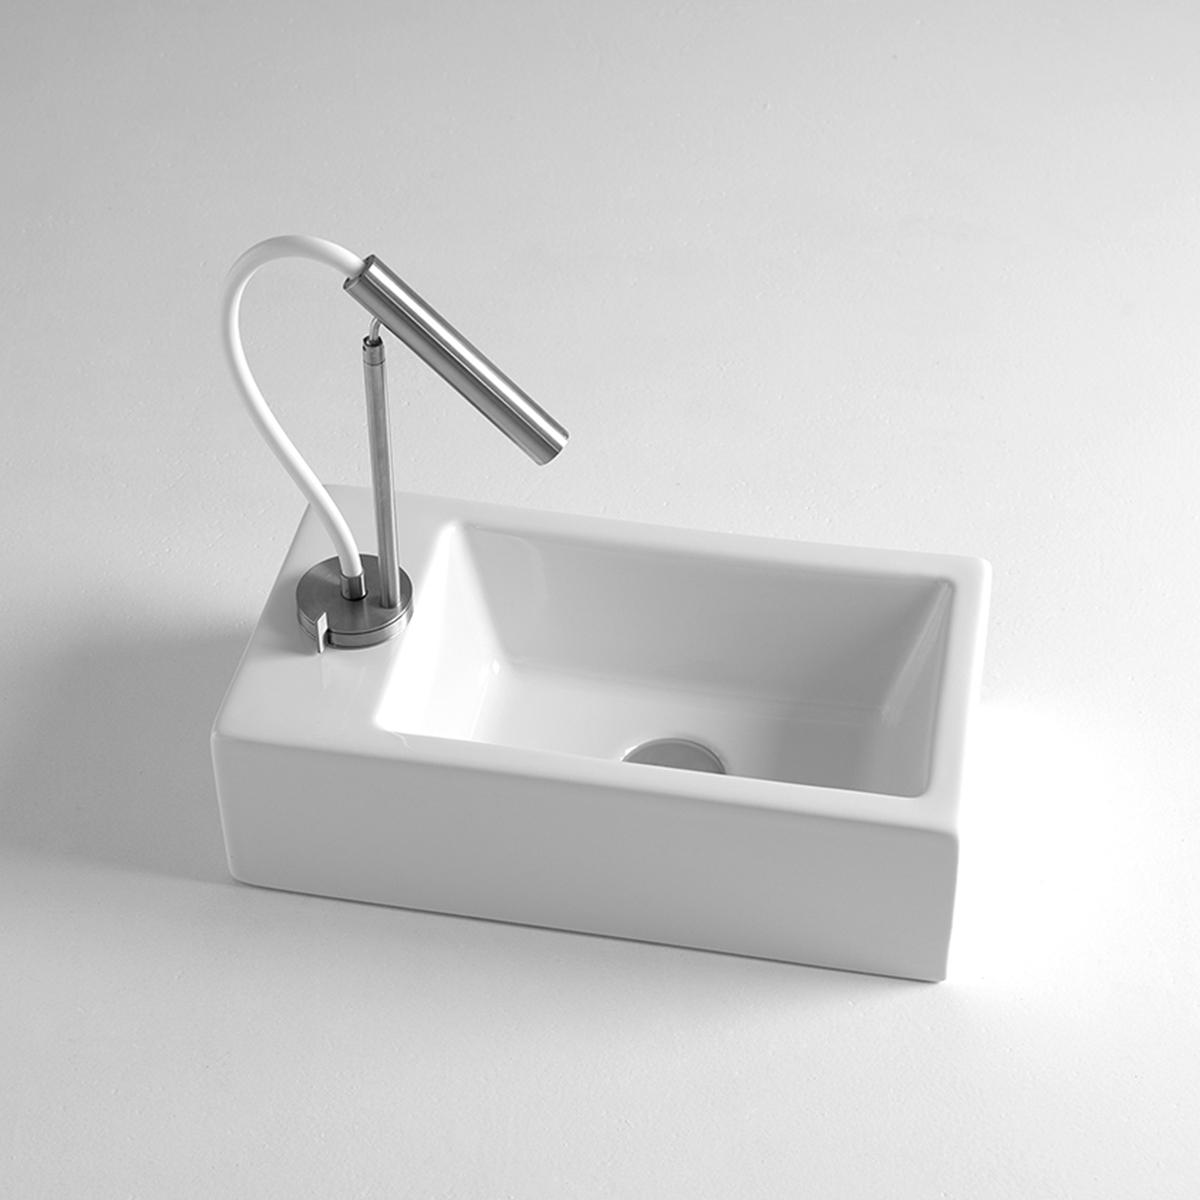 Mini lavabo bagno 24x44 cm - Lavabo angolare bagno ...